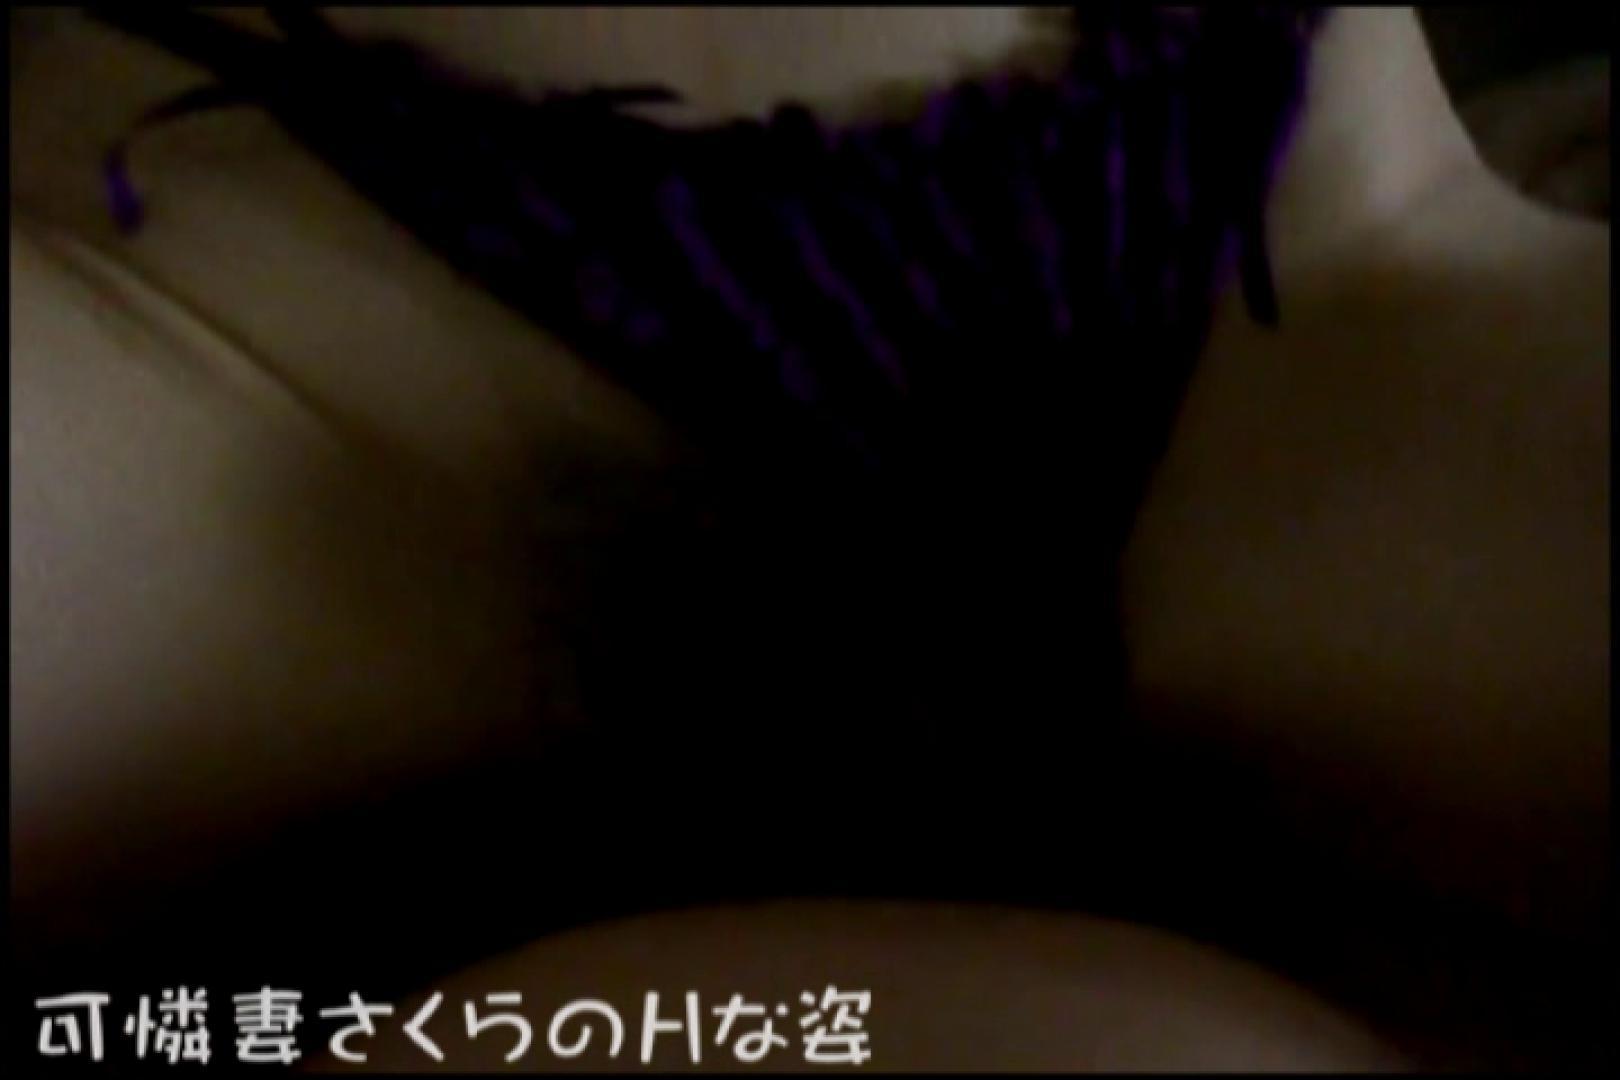 可憐妻さくらのHな姿vol.6 セックス映像 スケベ動画紹介 64pic 15